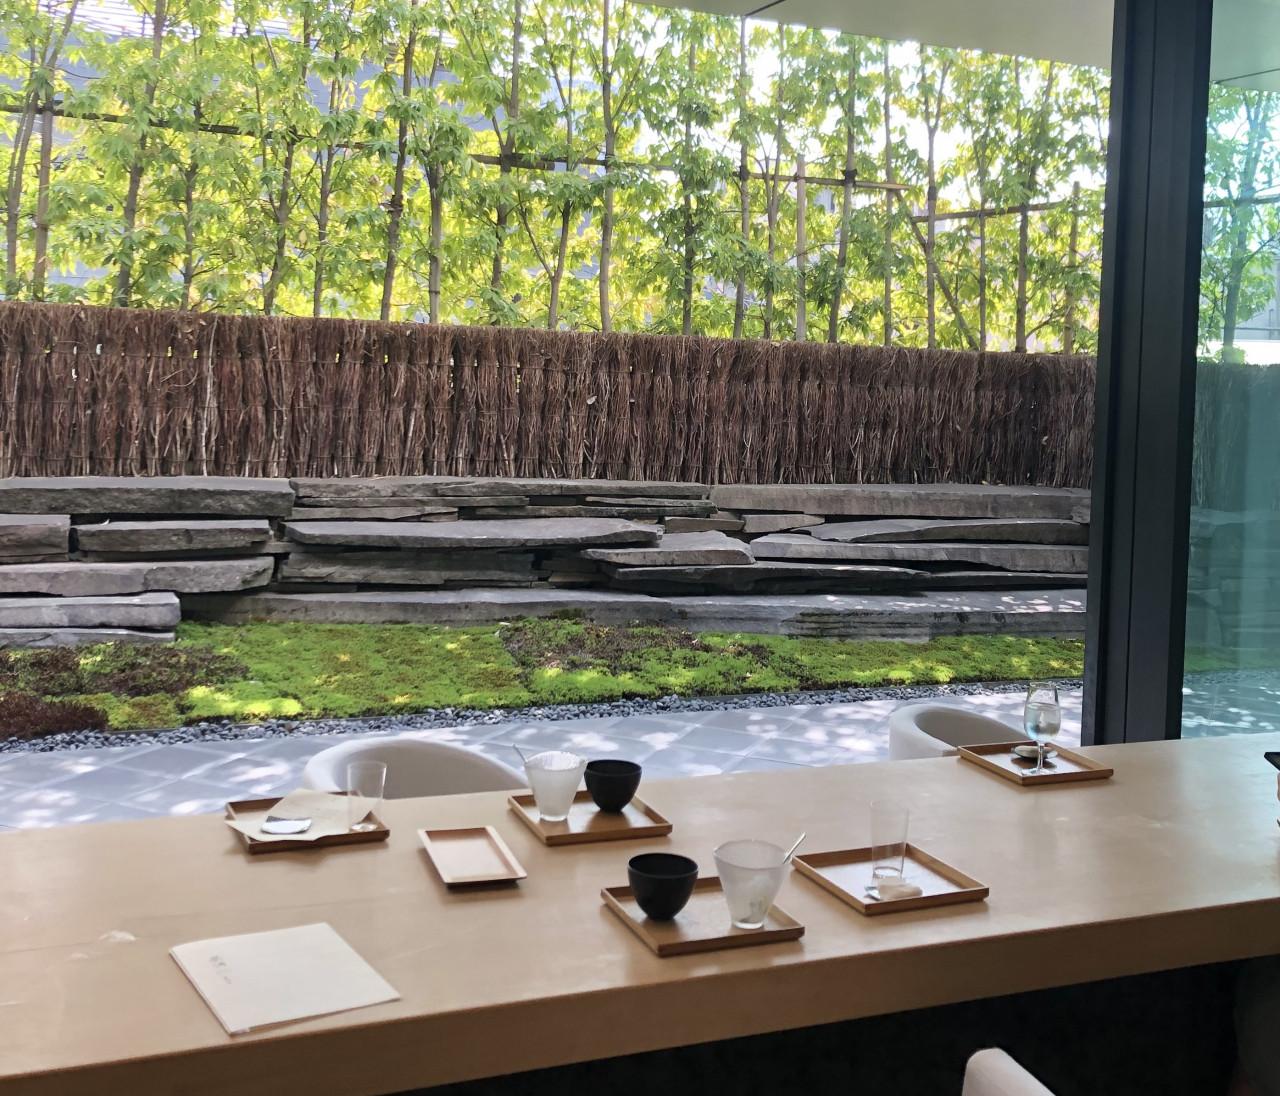 【和カフェ】庭園を眺めながら和スイーツ堪能